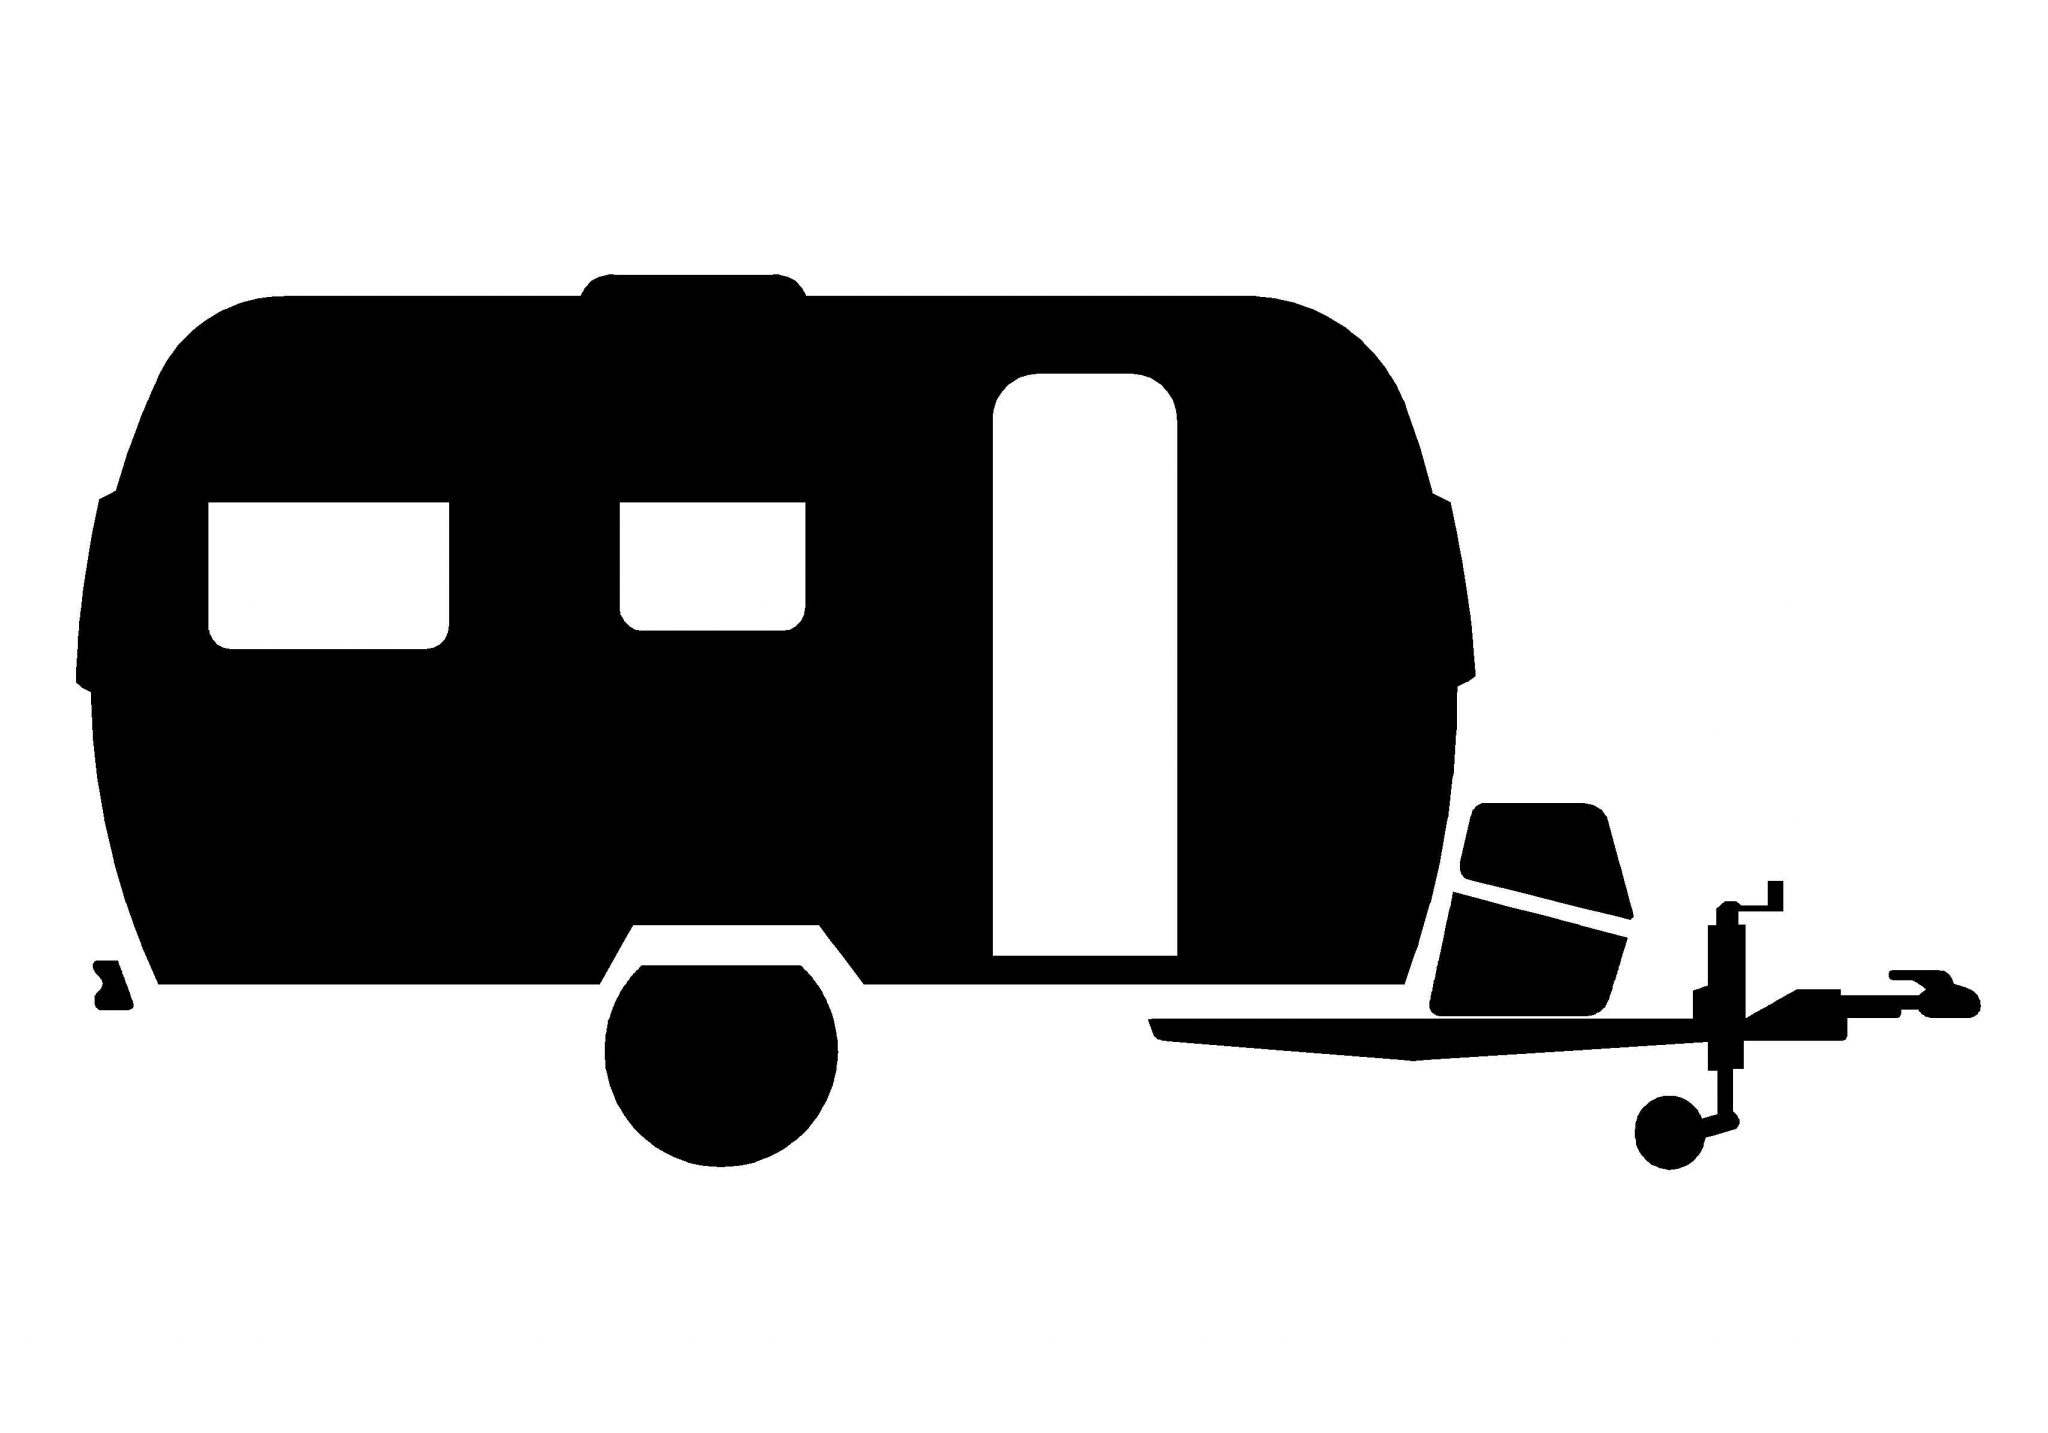 Caravanismo - Veículos de Recreação